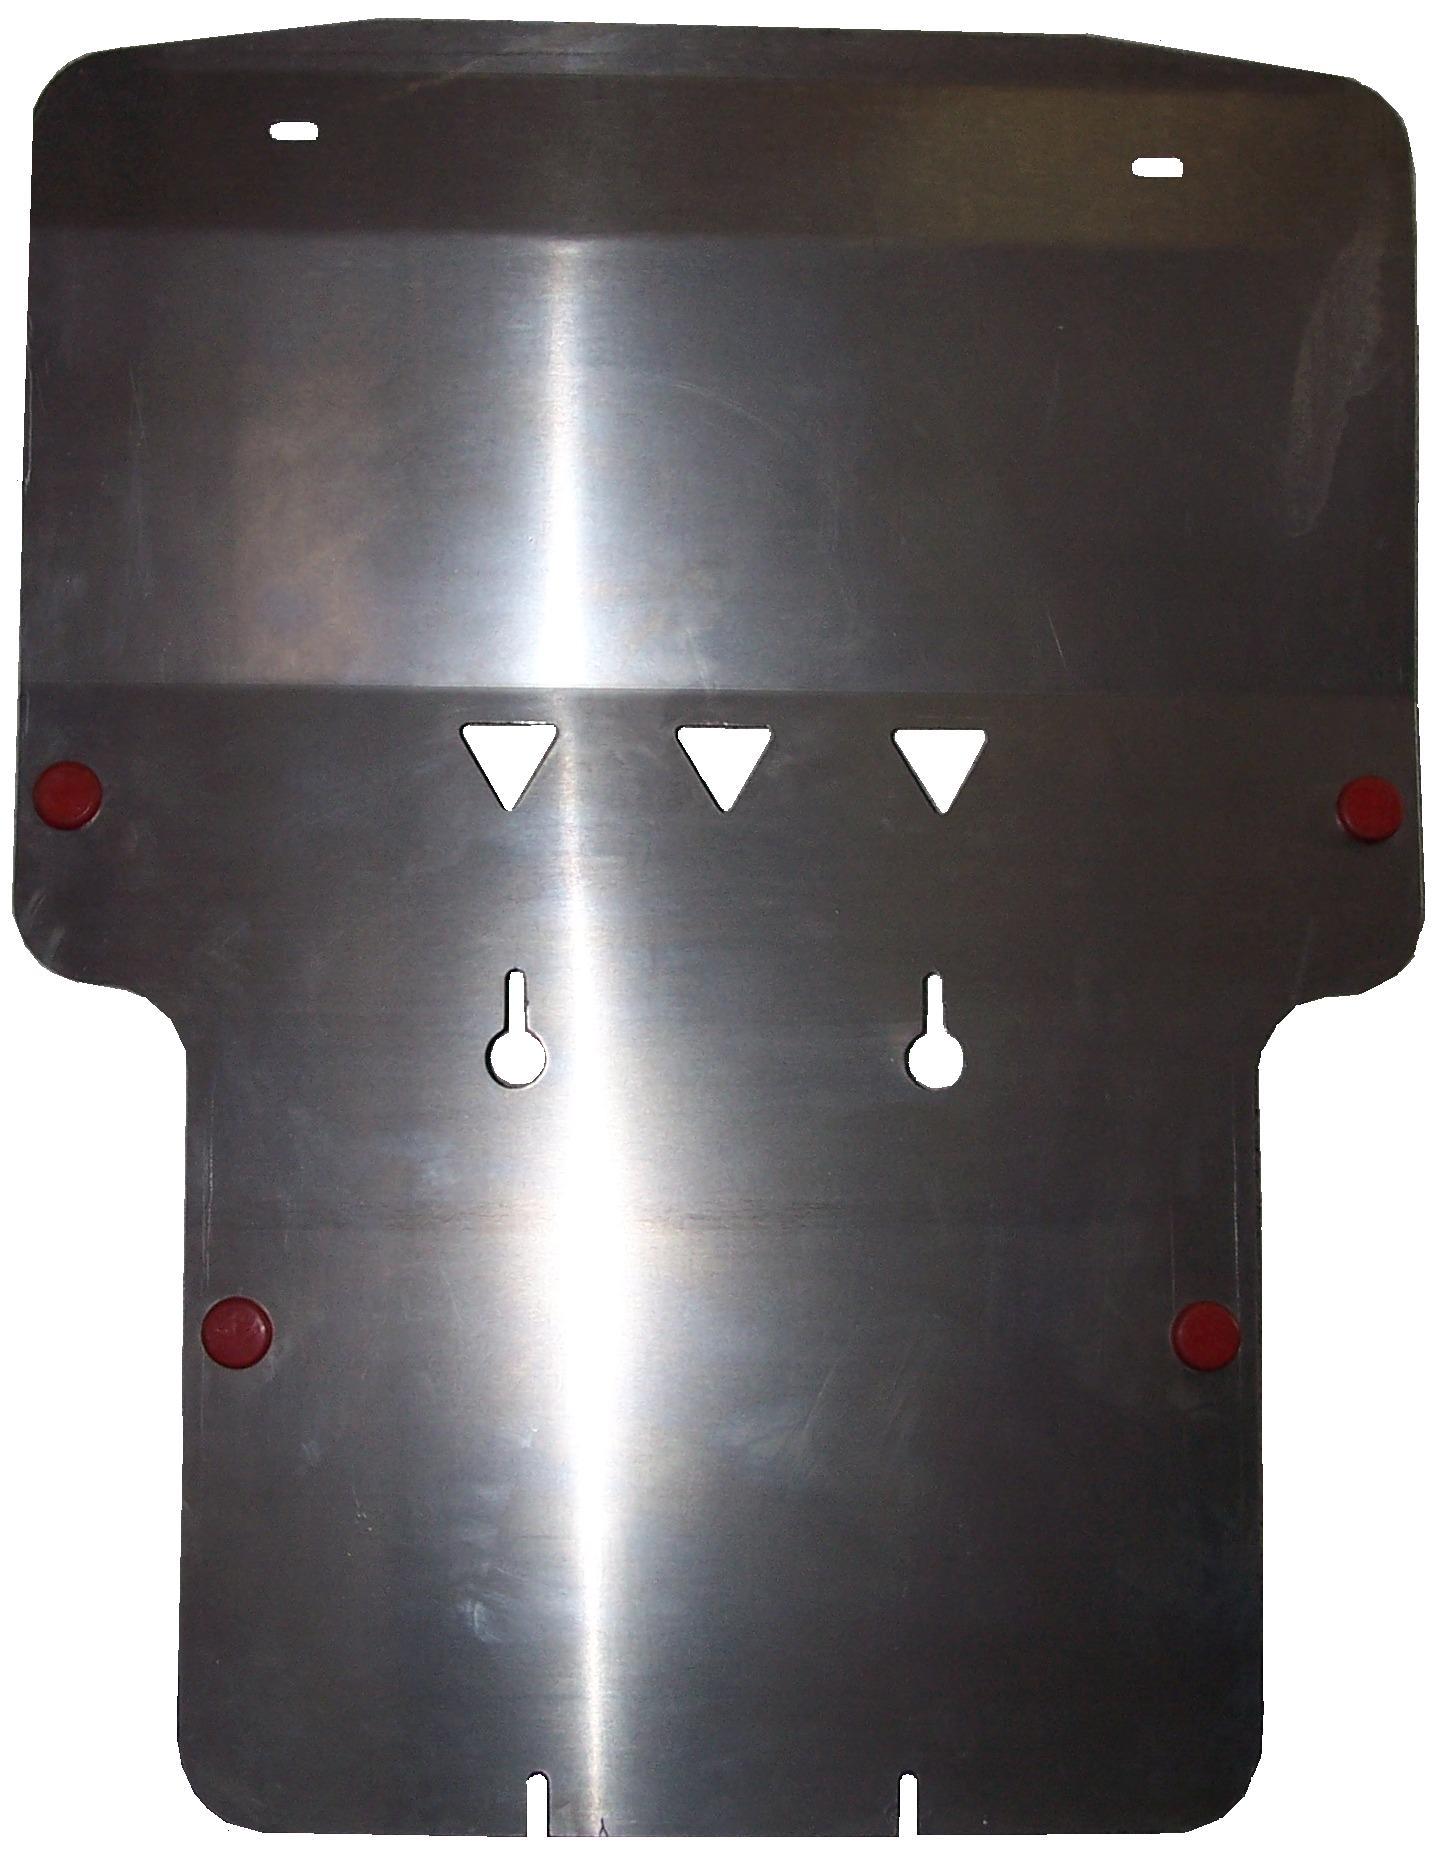 Купить защиту картера двигателя авто в Екатеринбурге.  Железная защита двигателя.